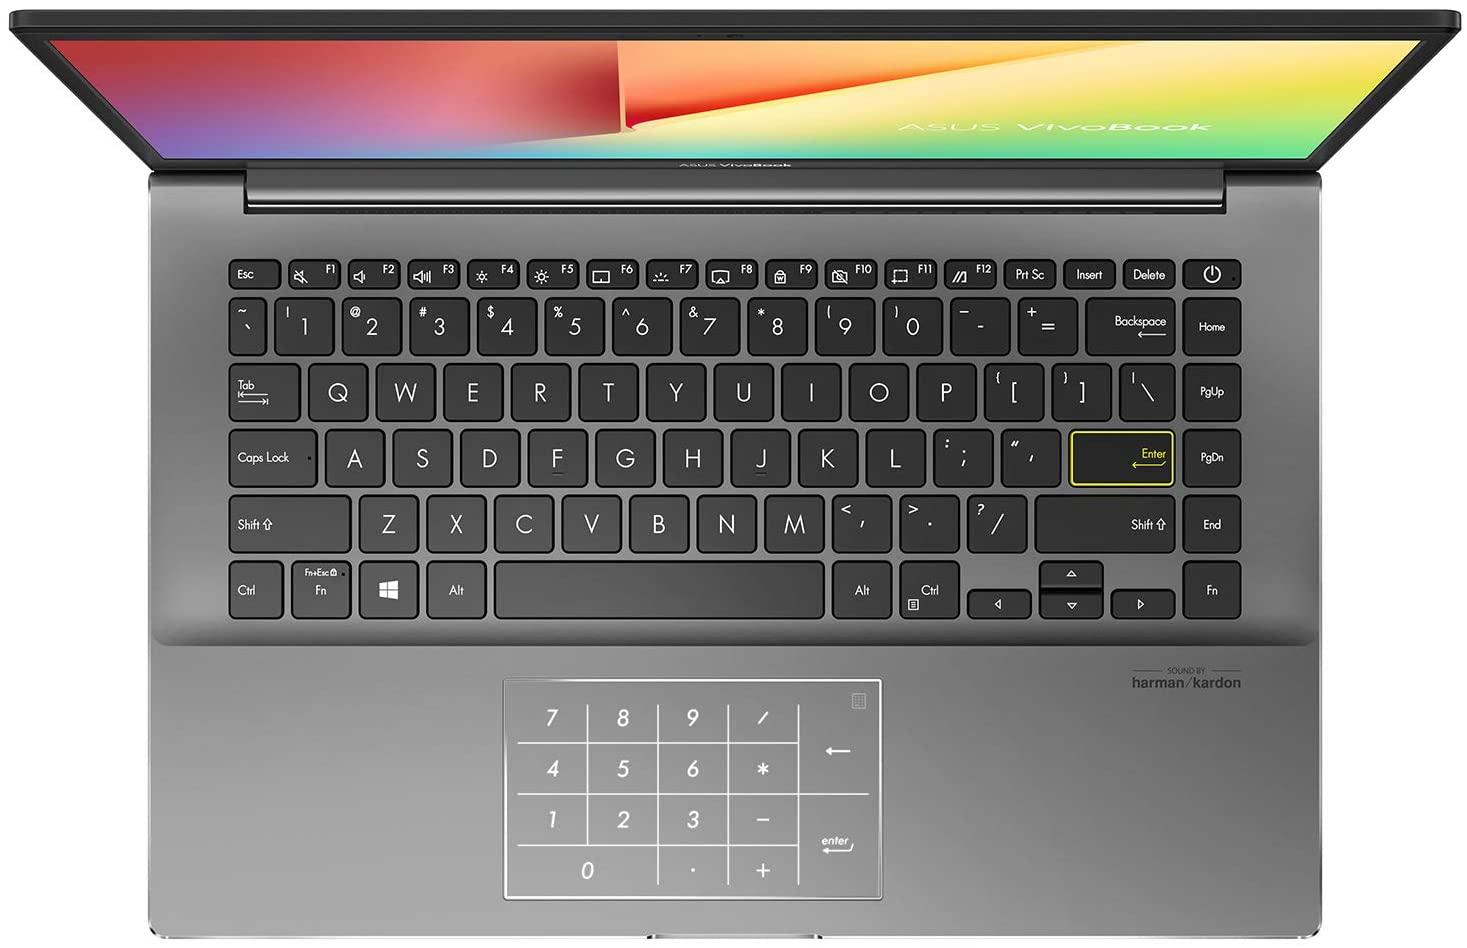 Ordinateur portable Asus VivoBook S433IA-HM849T Gris/Noir - NumPad - photo 2